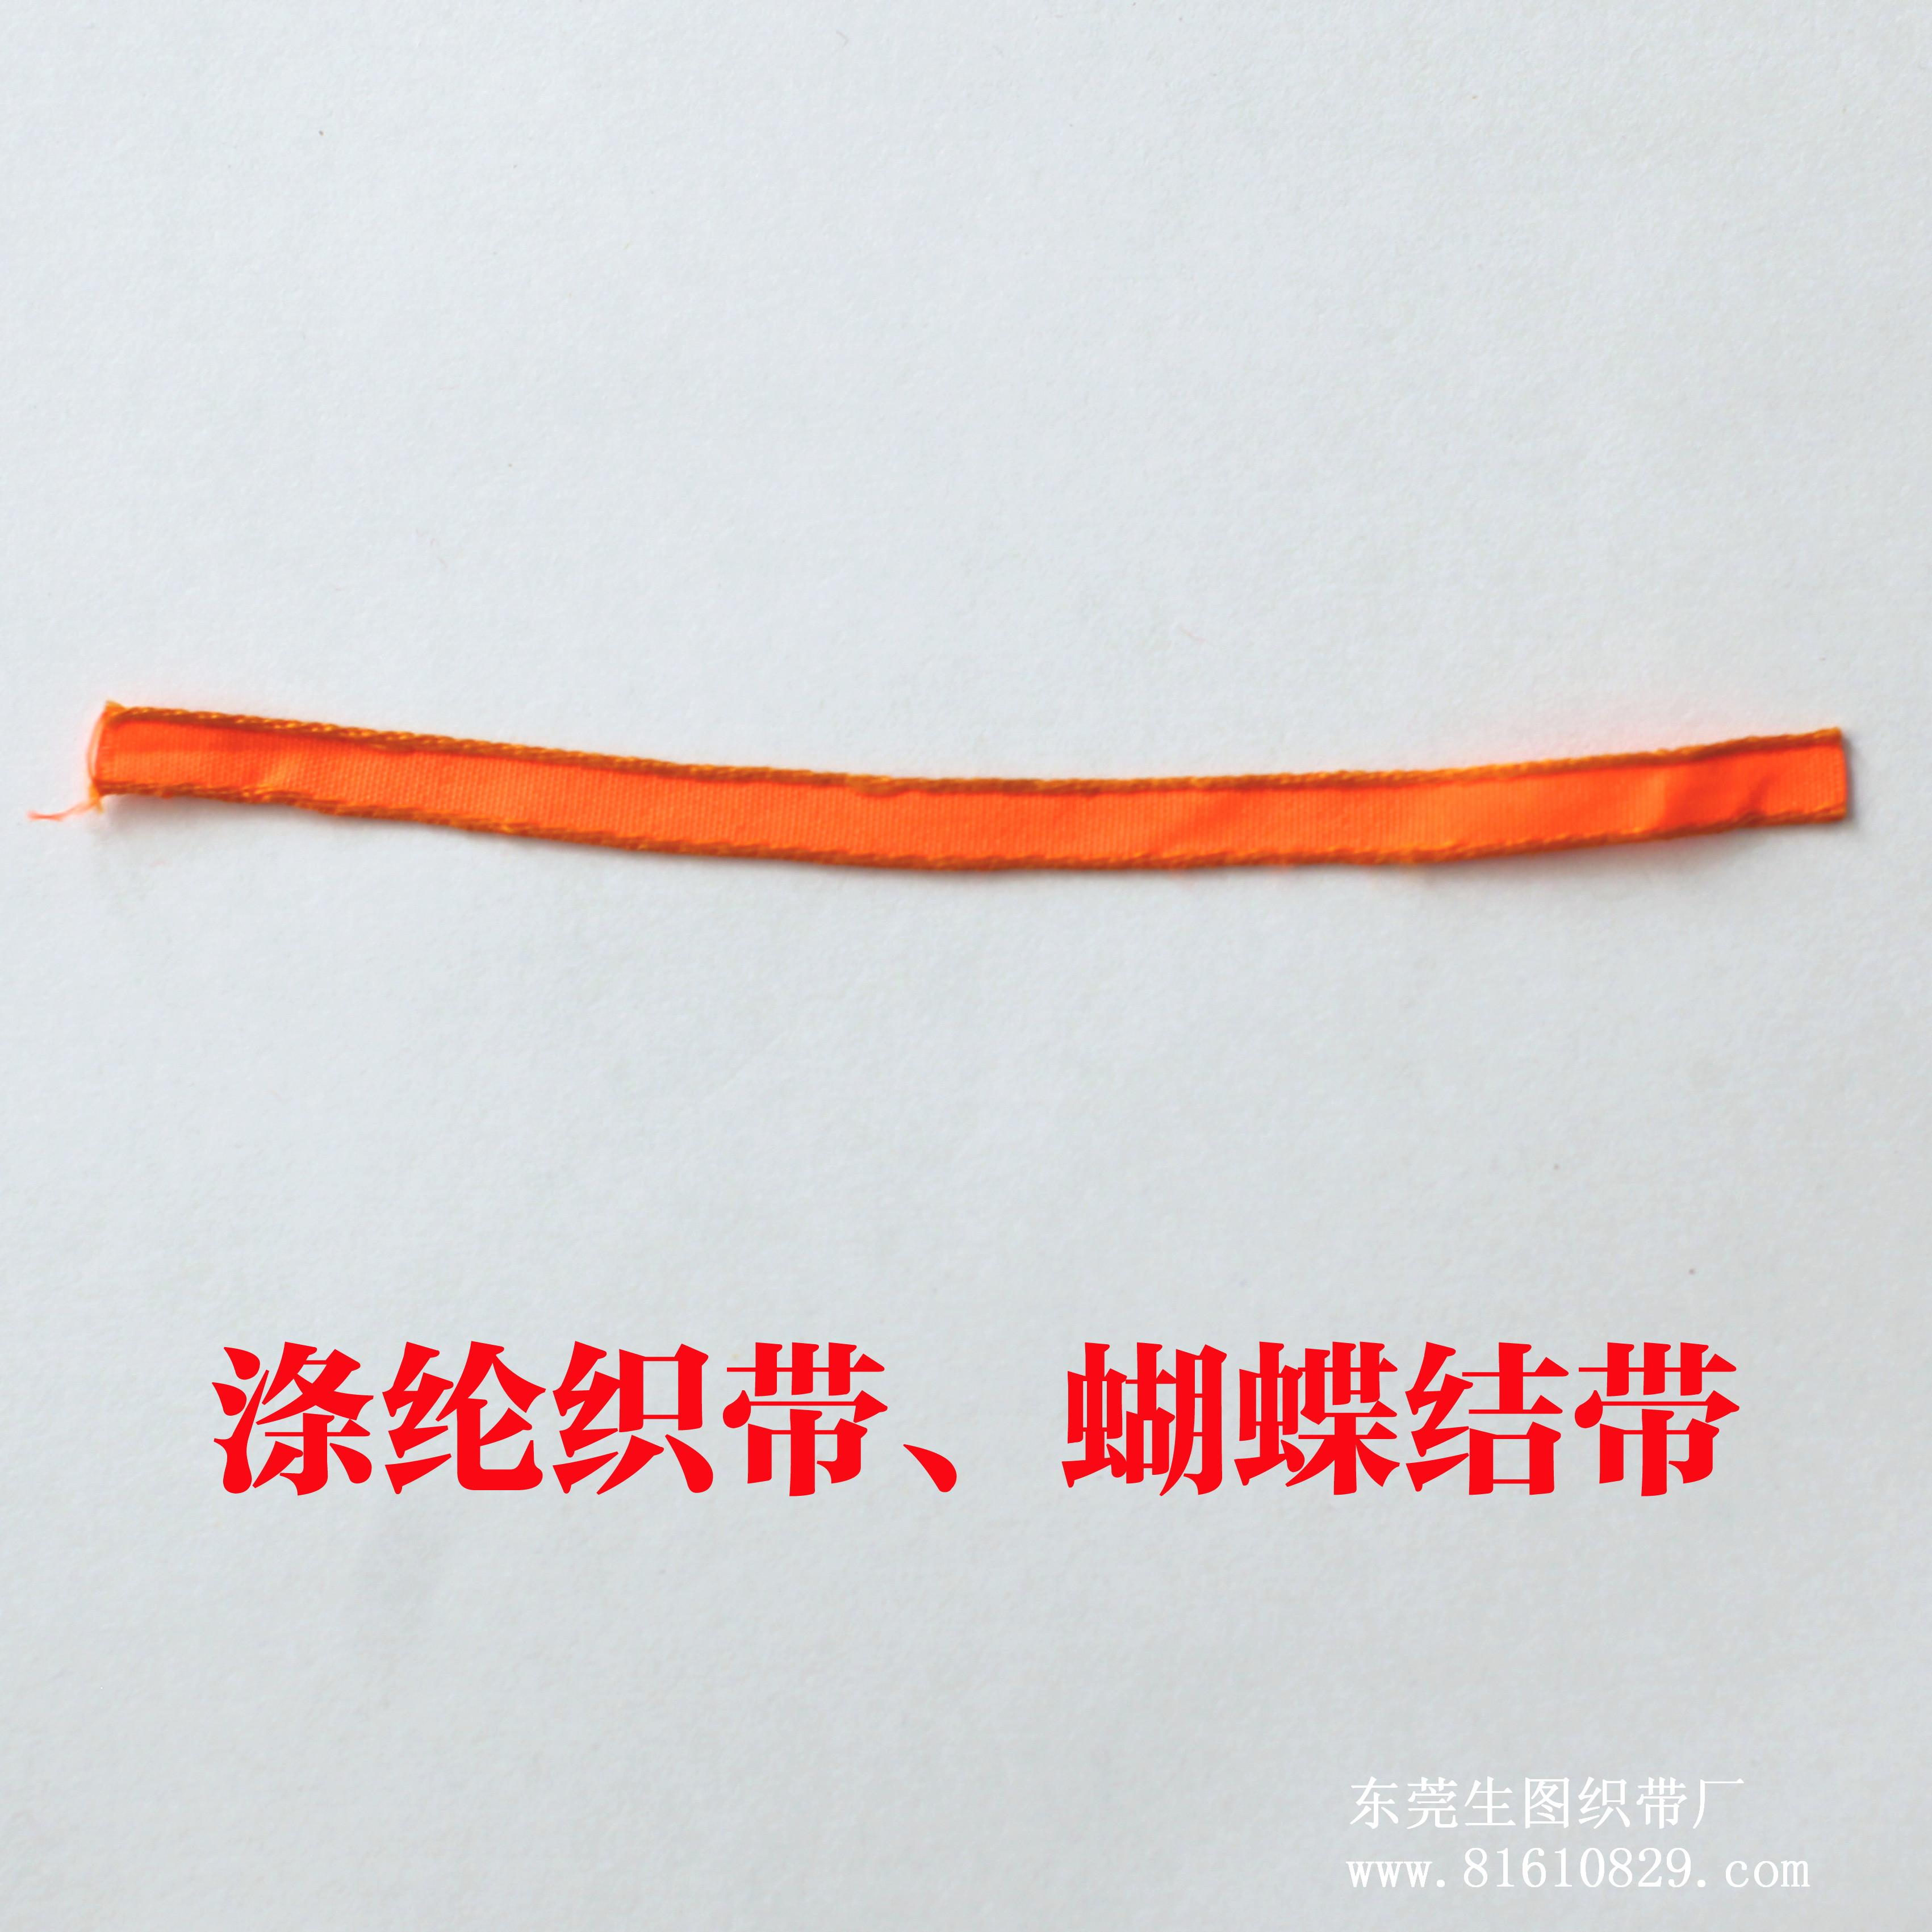 专业订做供应涤纶织带 蝴蝶结织带 装饰品织带厂家